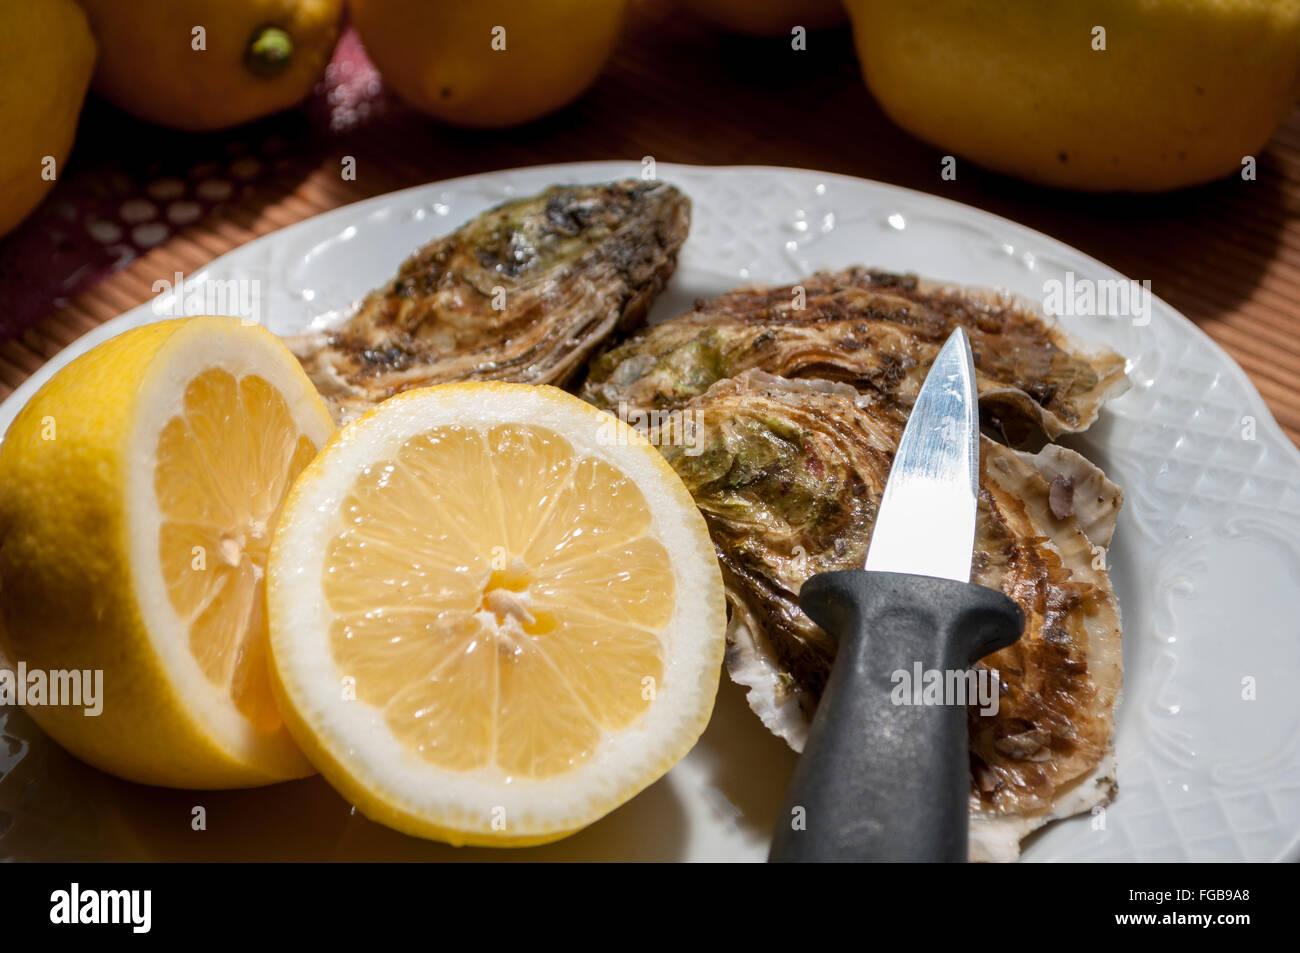 Zubereitung von Schalentieren für Verbrauch, öffnen Sie es, vor dem Hintergrund der Zitrone in die Hand Stockbild